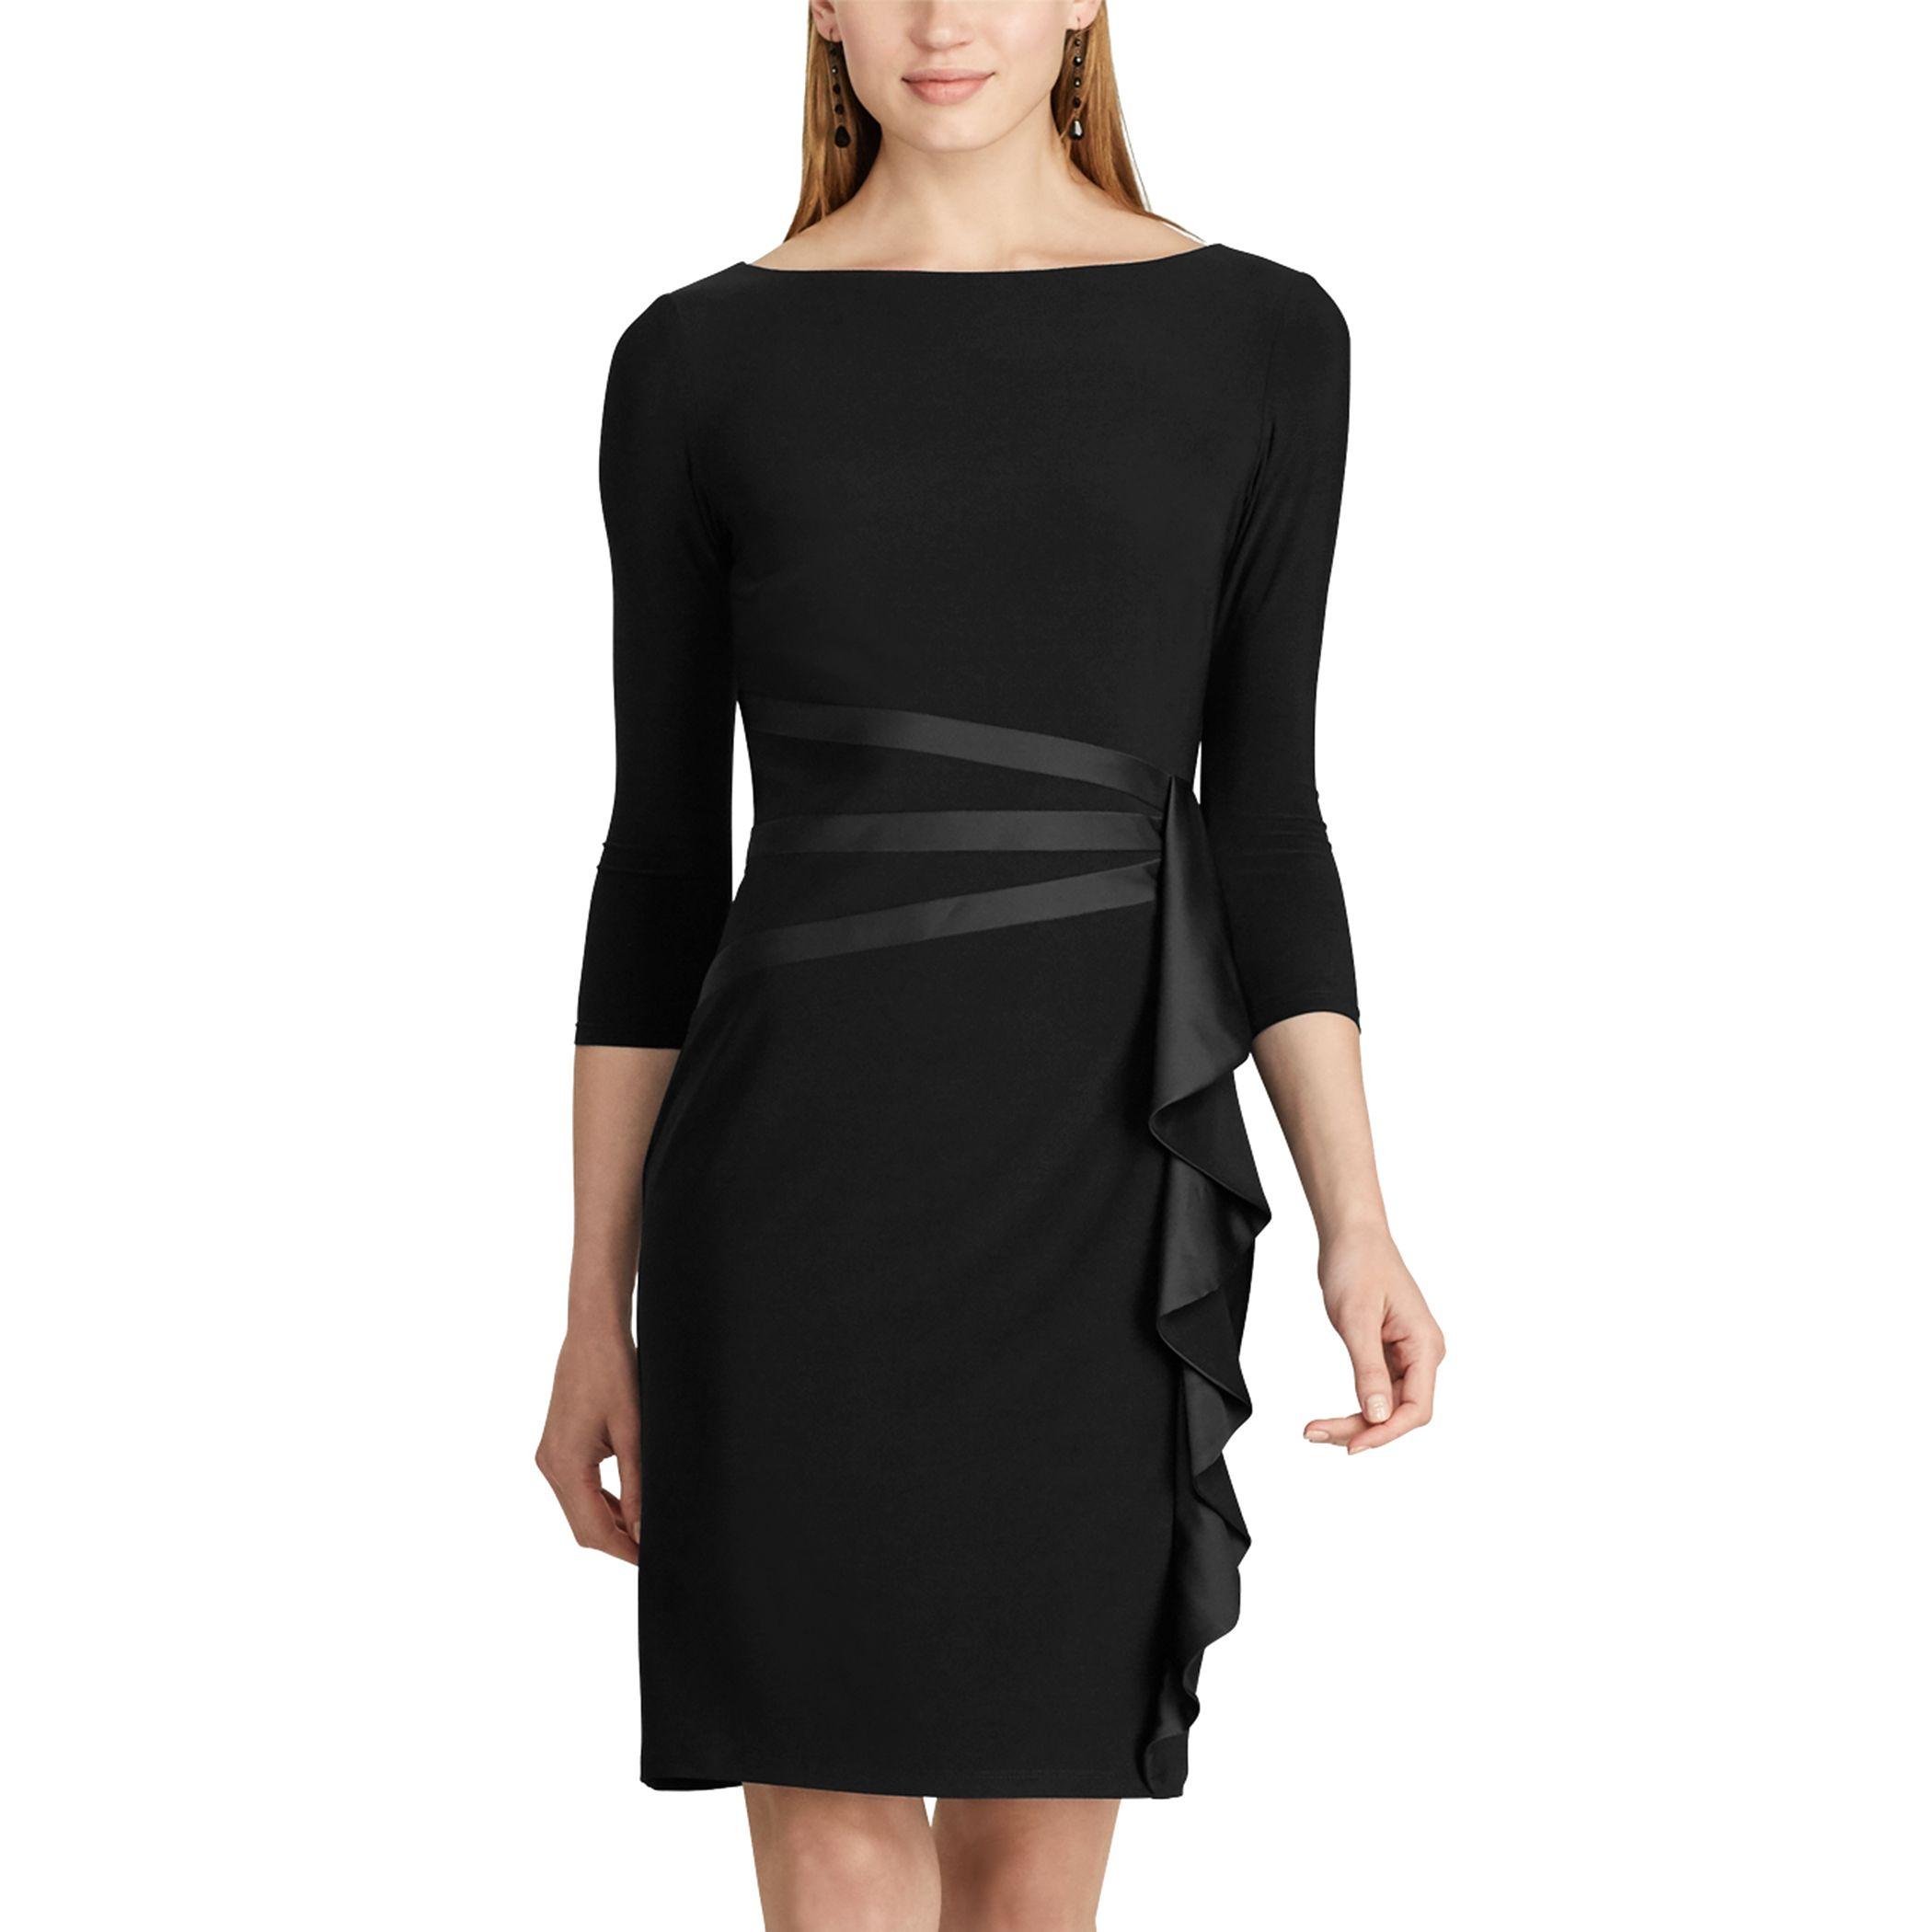 Black dress 10 32 clearance hole